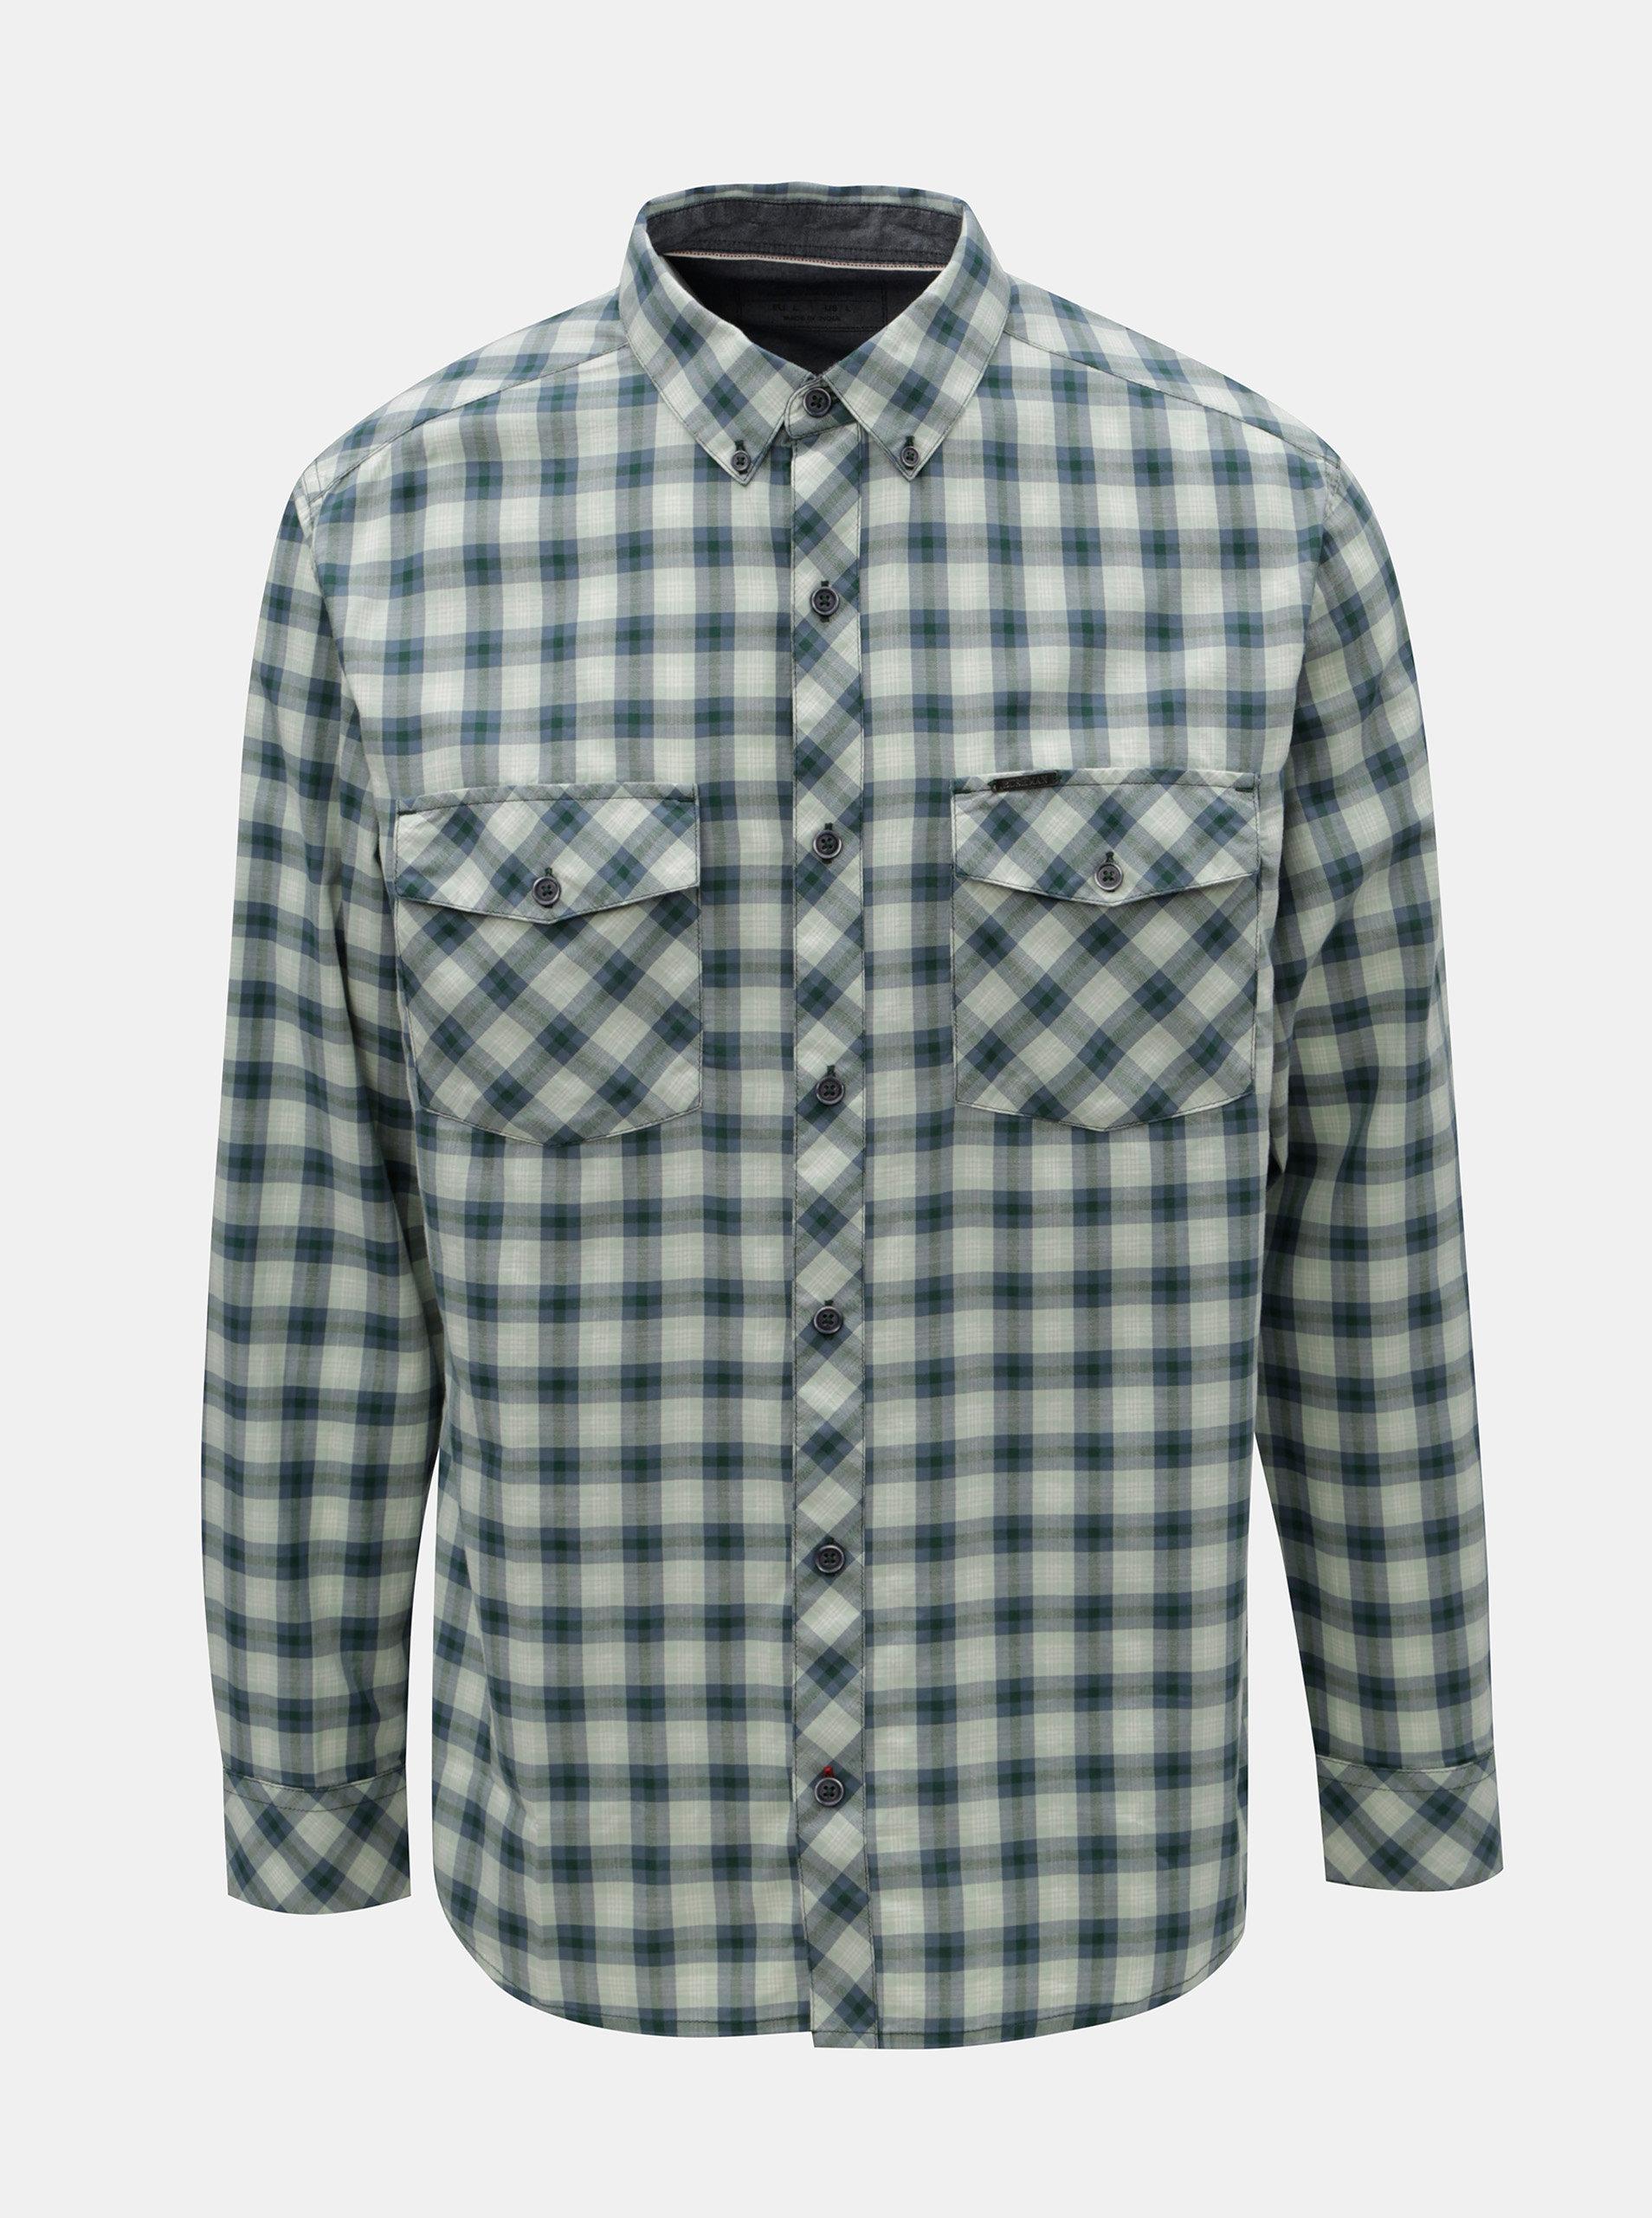 Modro-zelená pánská kostkovaná košile BUSHMAN Gresham ... 07938bdae6